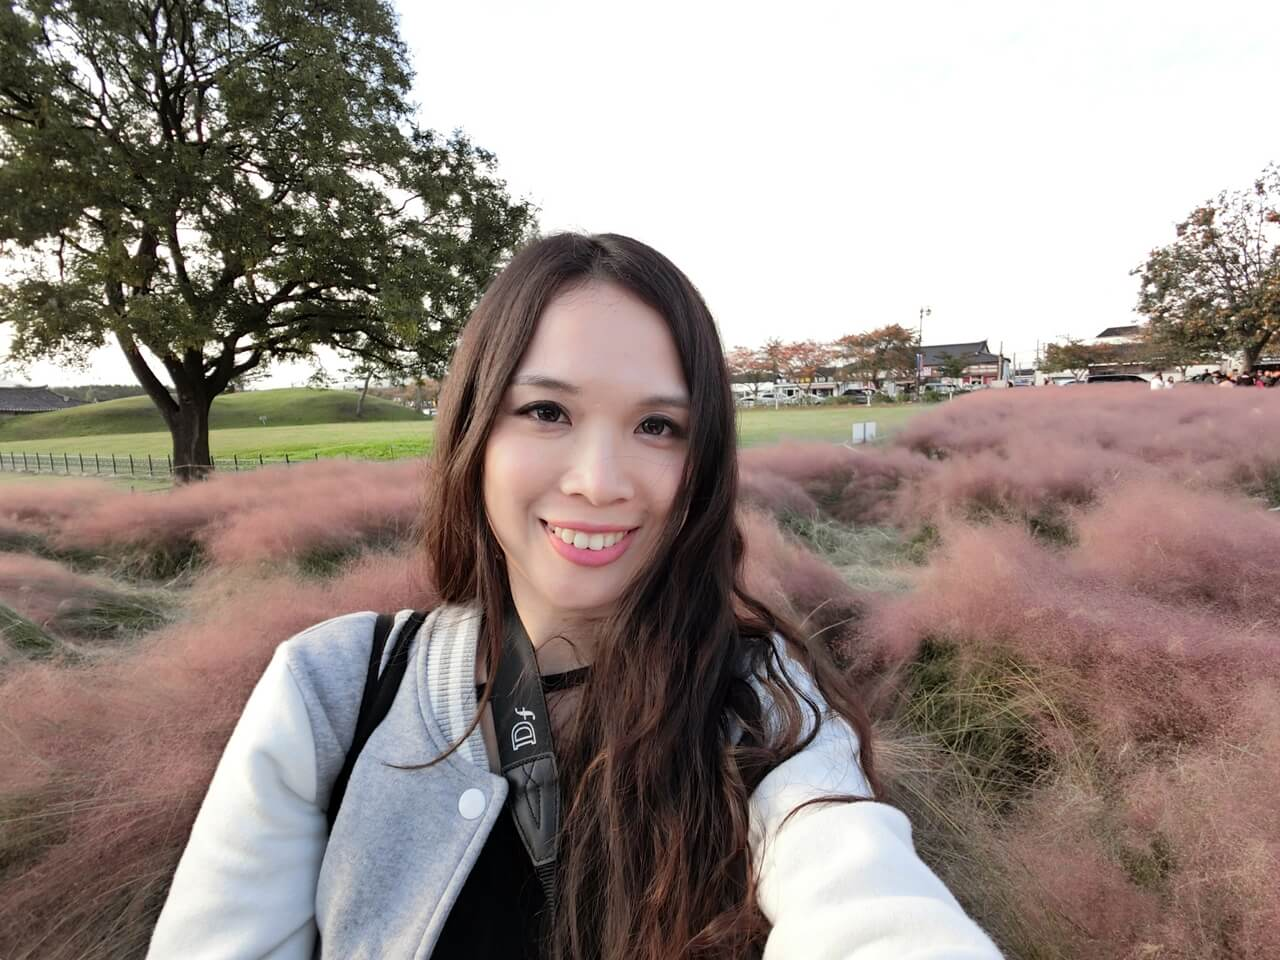 韓國自由行,秋季限定必去慶州觀星台看粉紅芒草,IG打卡熱點